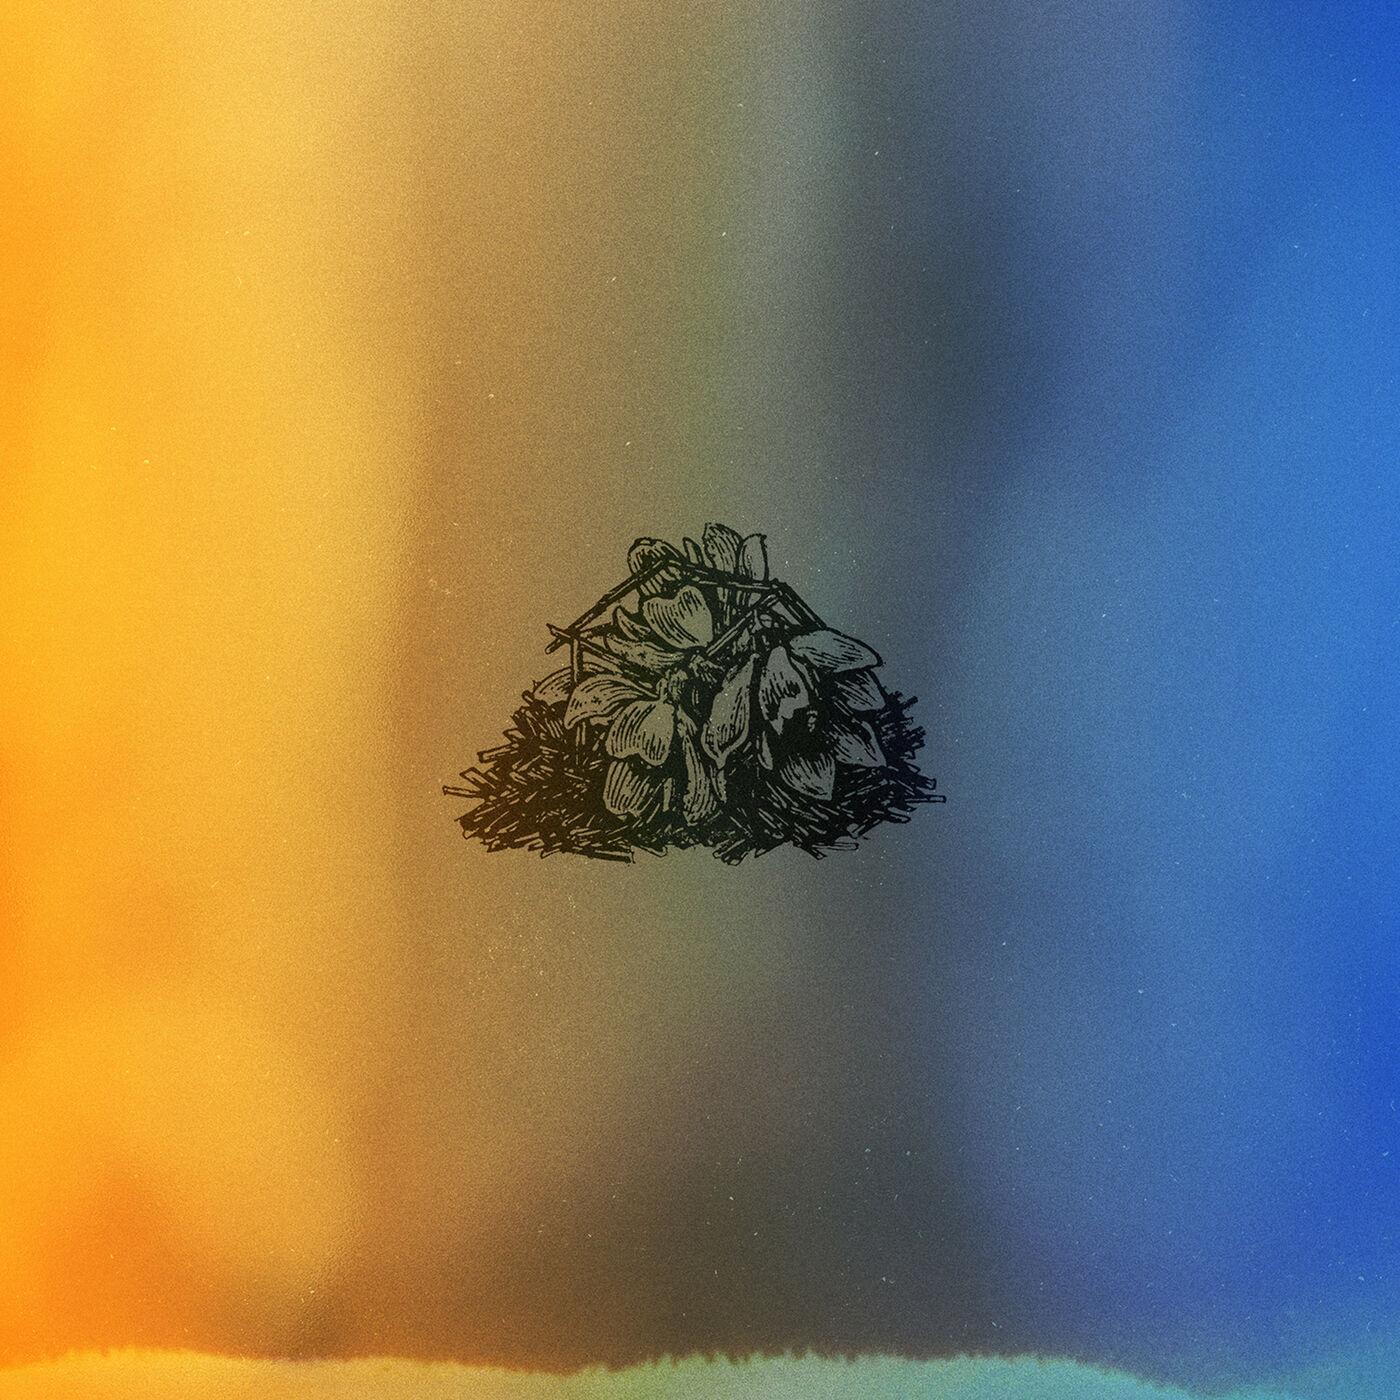 Skywalker - Away [single] (2020)